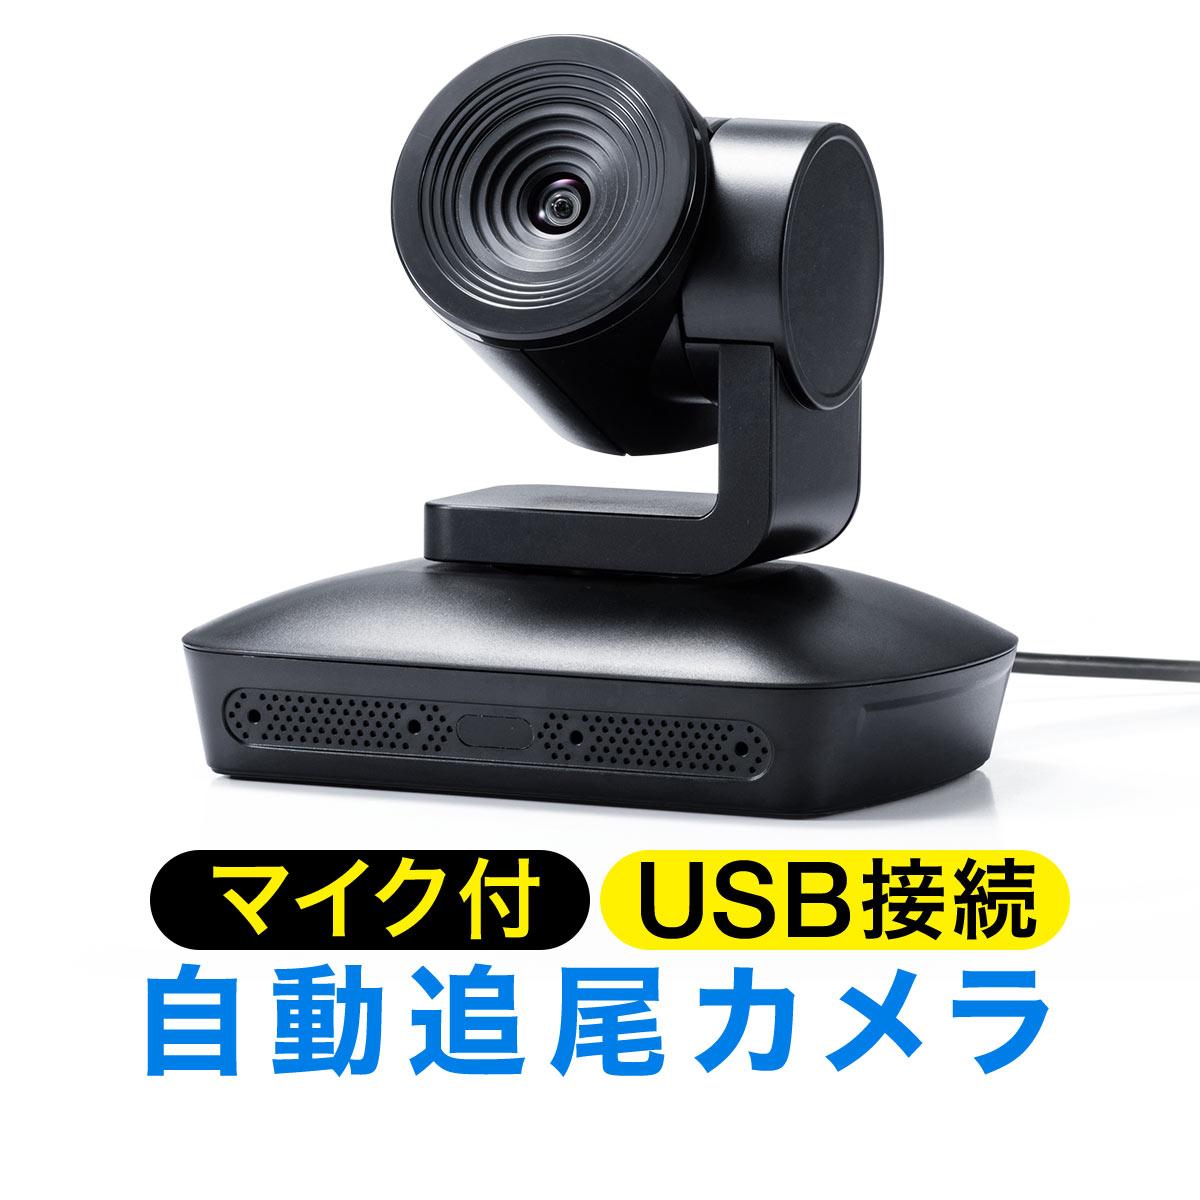 400-cam072の画像